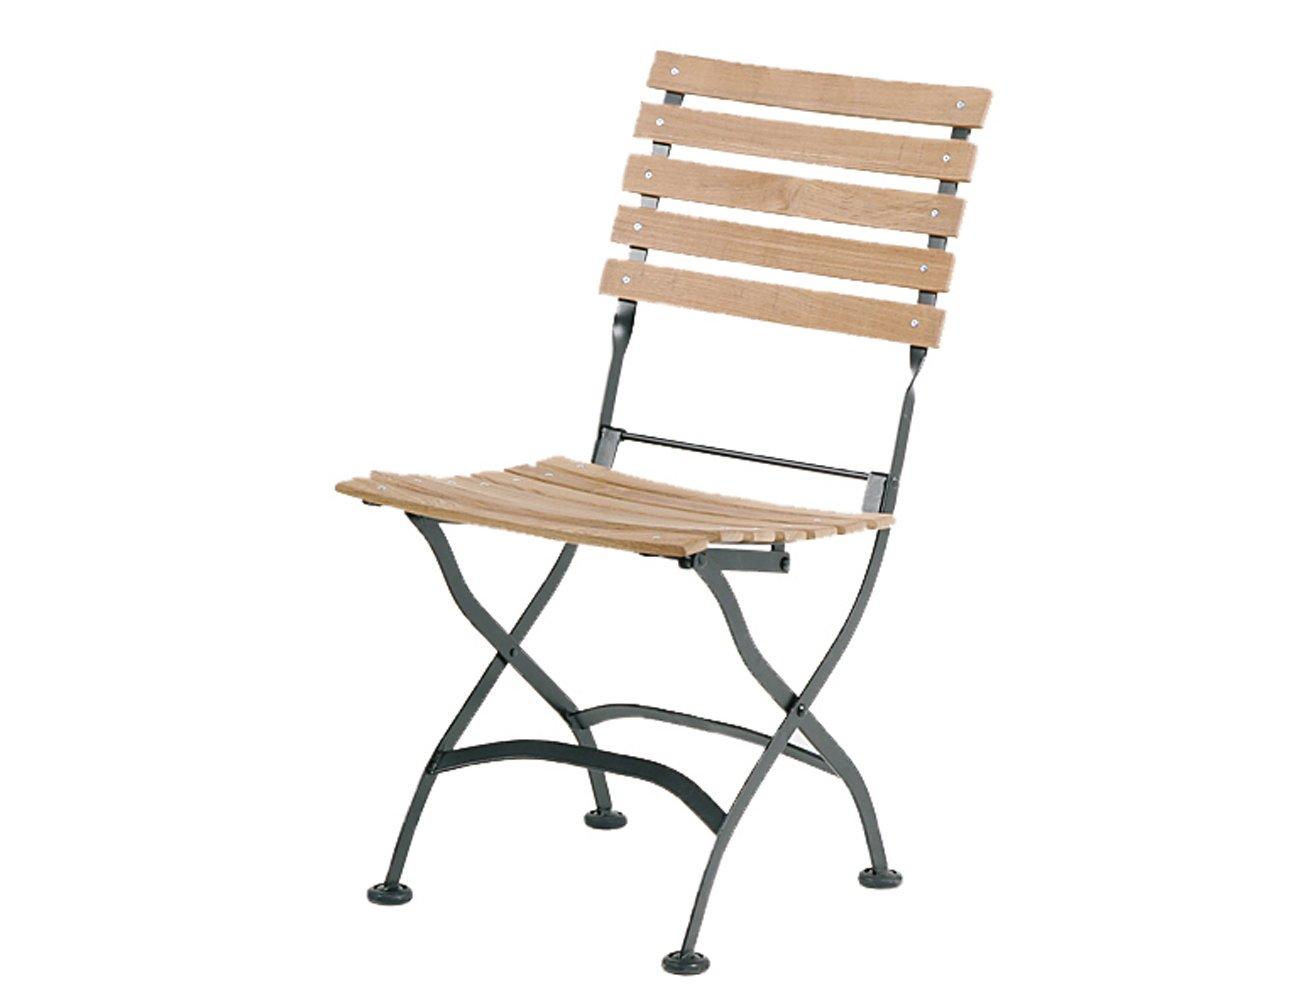 Siena Garden GFA-COC-001447 Klappstuhl Peru II, 54 x 44 x 85 cm, Flächenfarbe teak, Flachstahlgestell schwarz verzinkt günstig bestellen